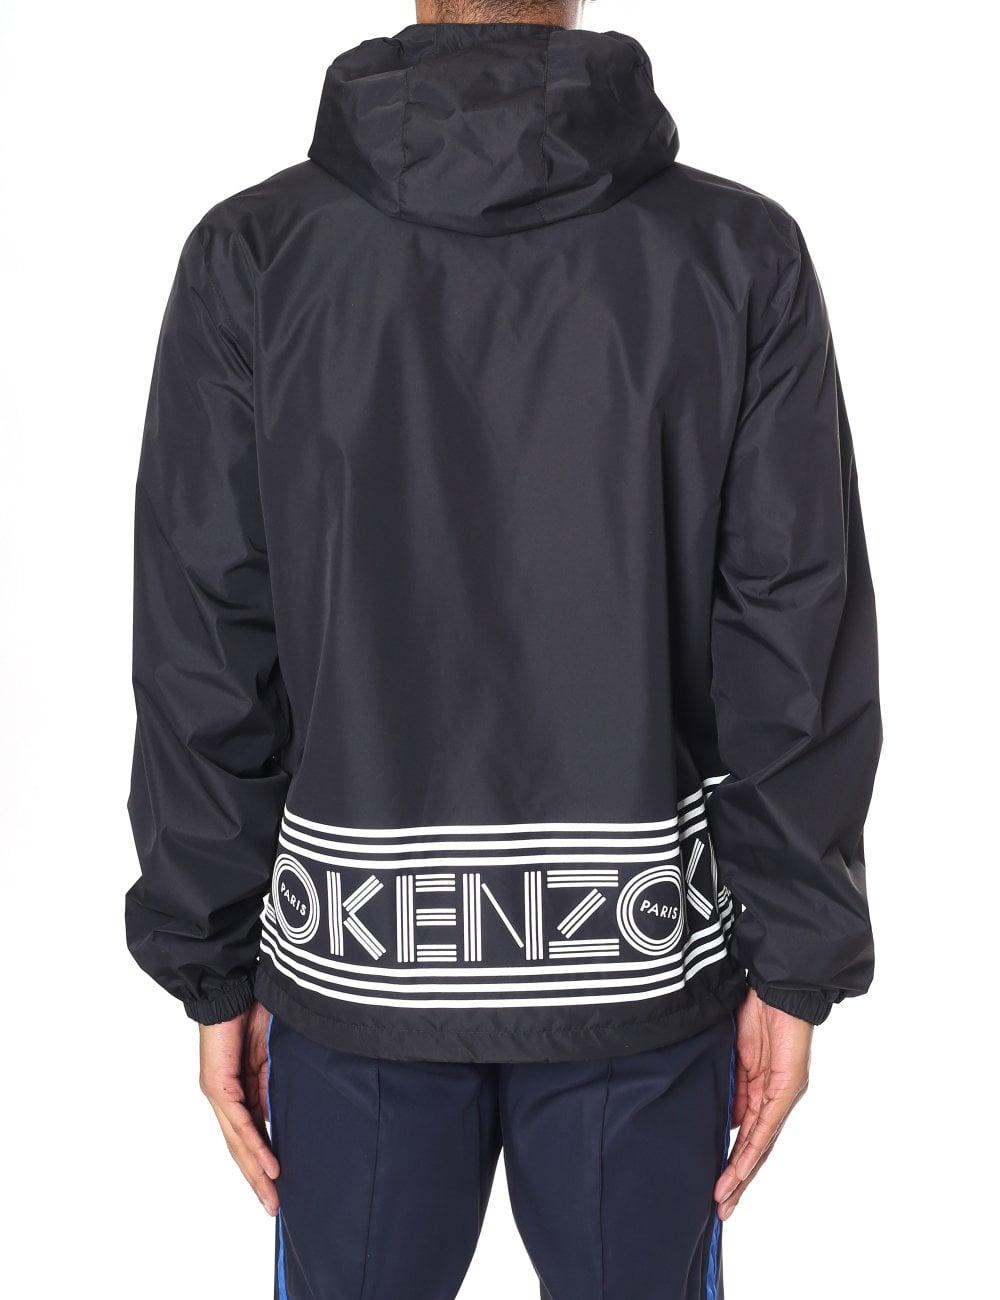 a1c42f8f Kenzo Men's Reversible Kenzo Logo Windbreaker Jacket